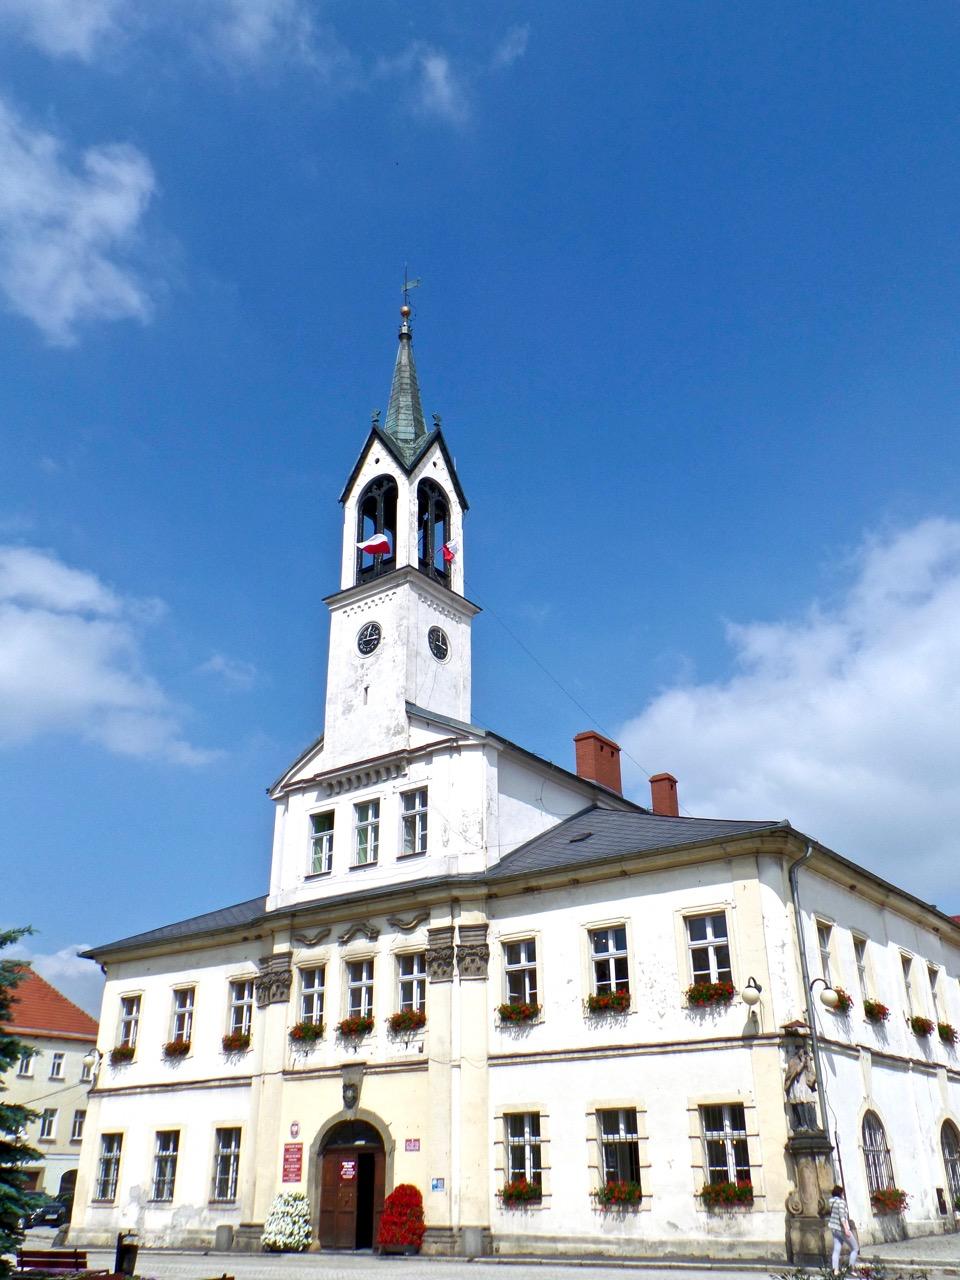 Poolse dorpspleintje